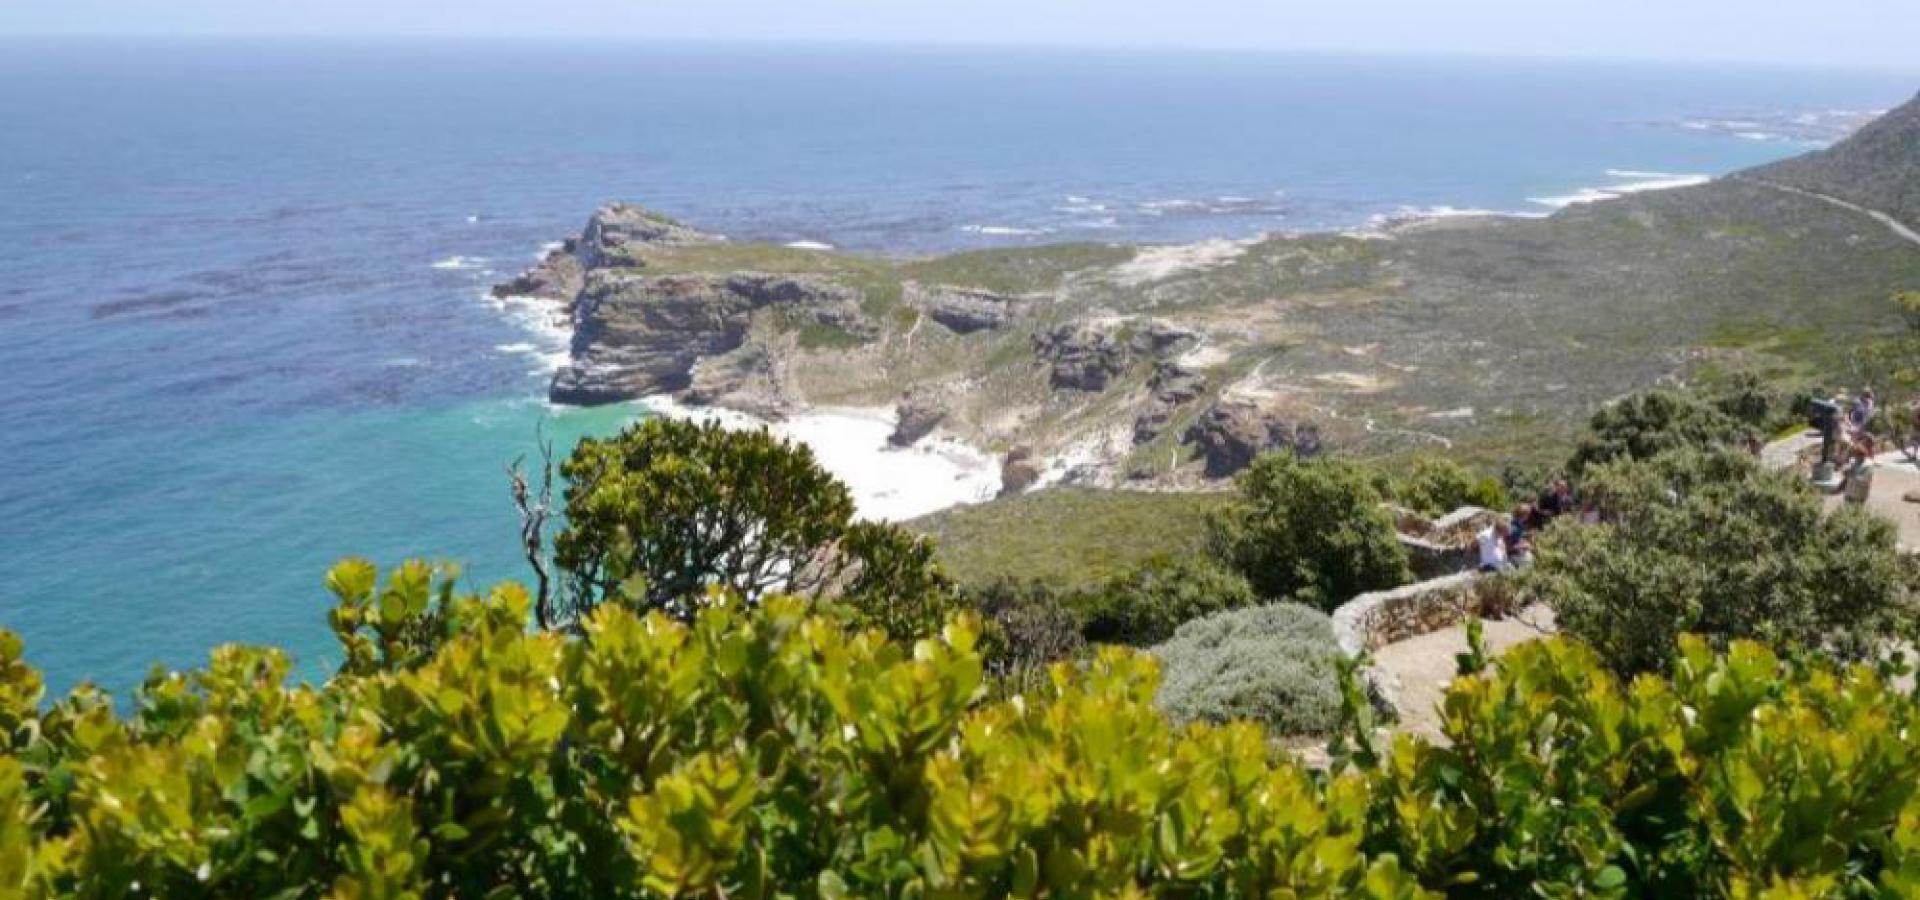 Kap der guten Hoffnung  - Südafrika Urlaub & Reisen